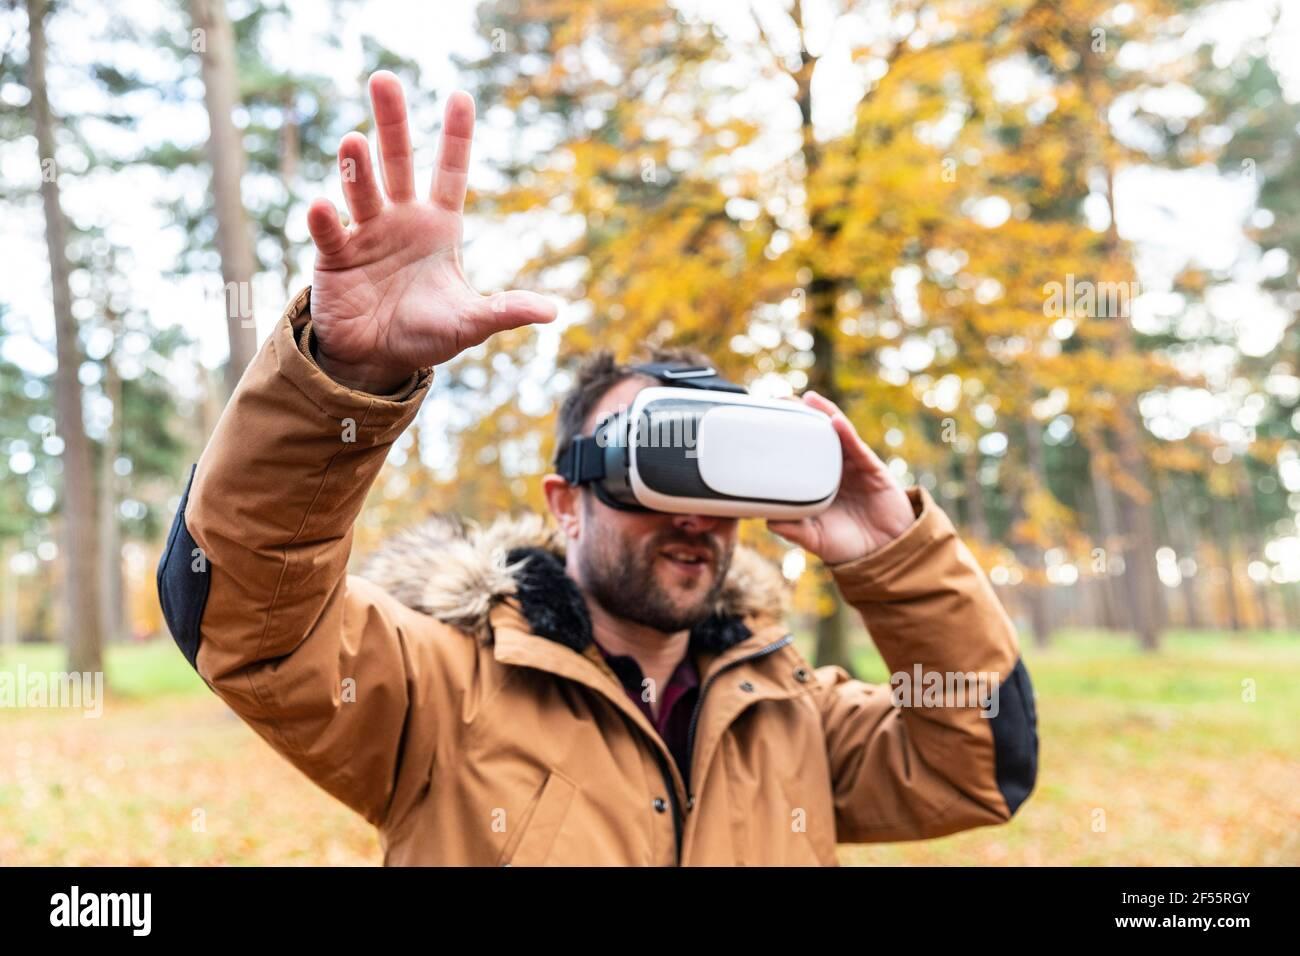 Homme mature utilisant un simulateur de réalité virtuelle en forêt Banque D'Images